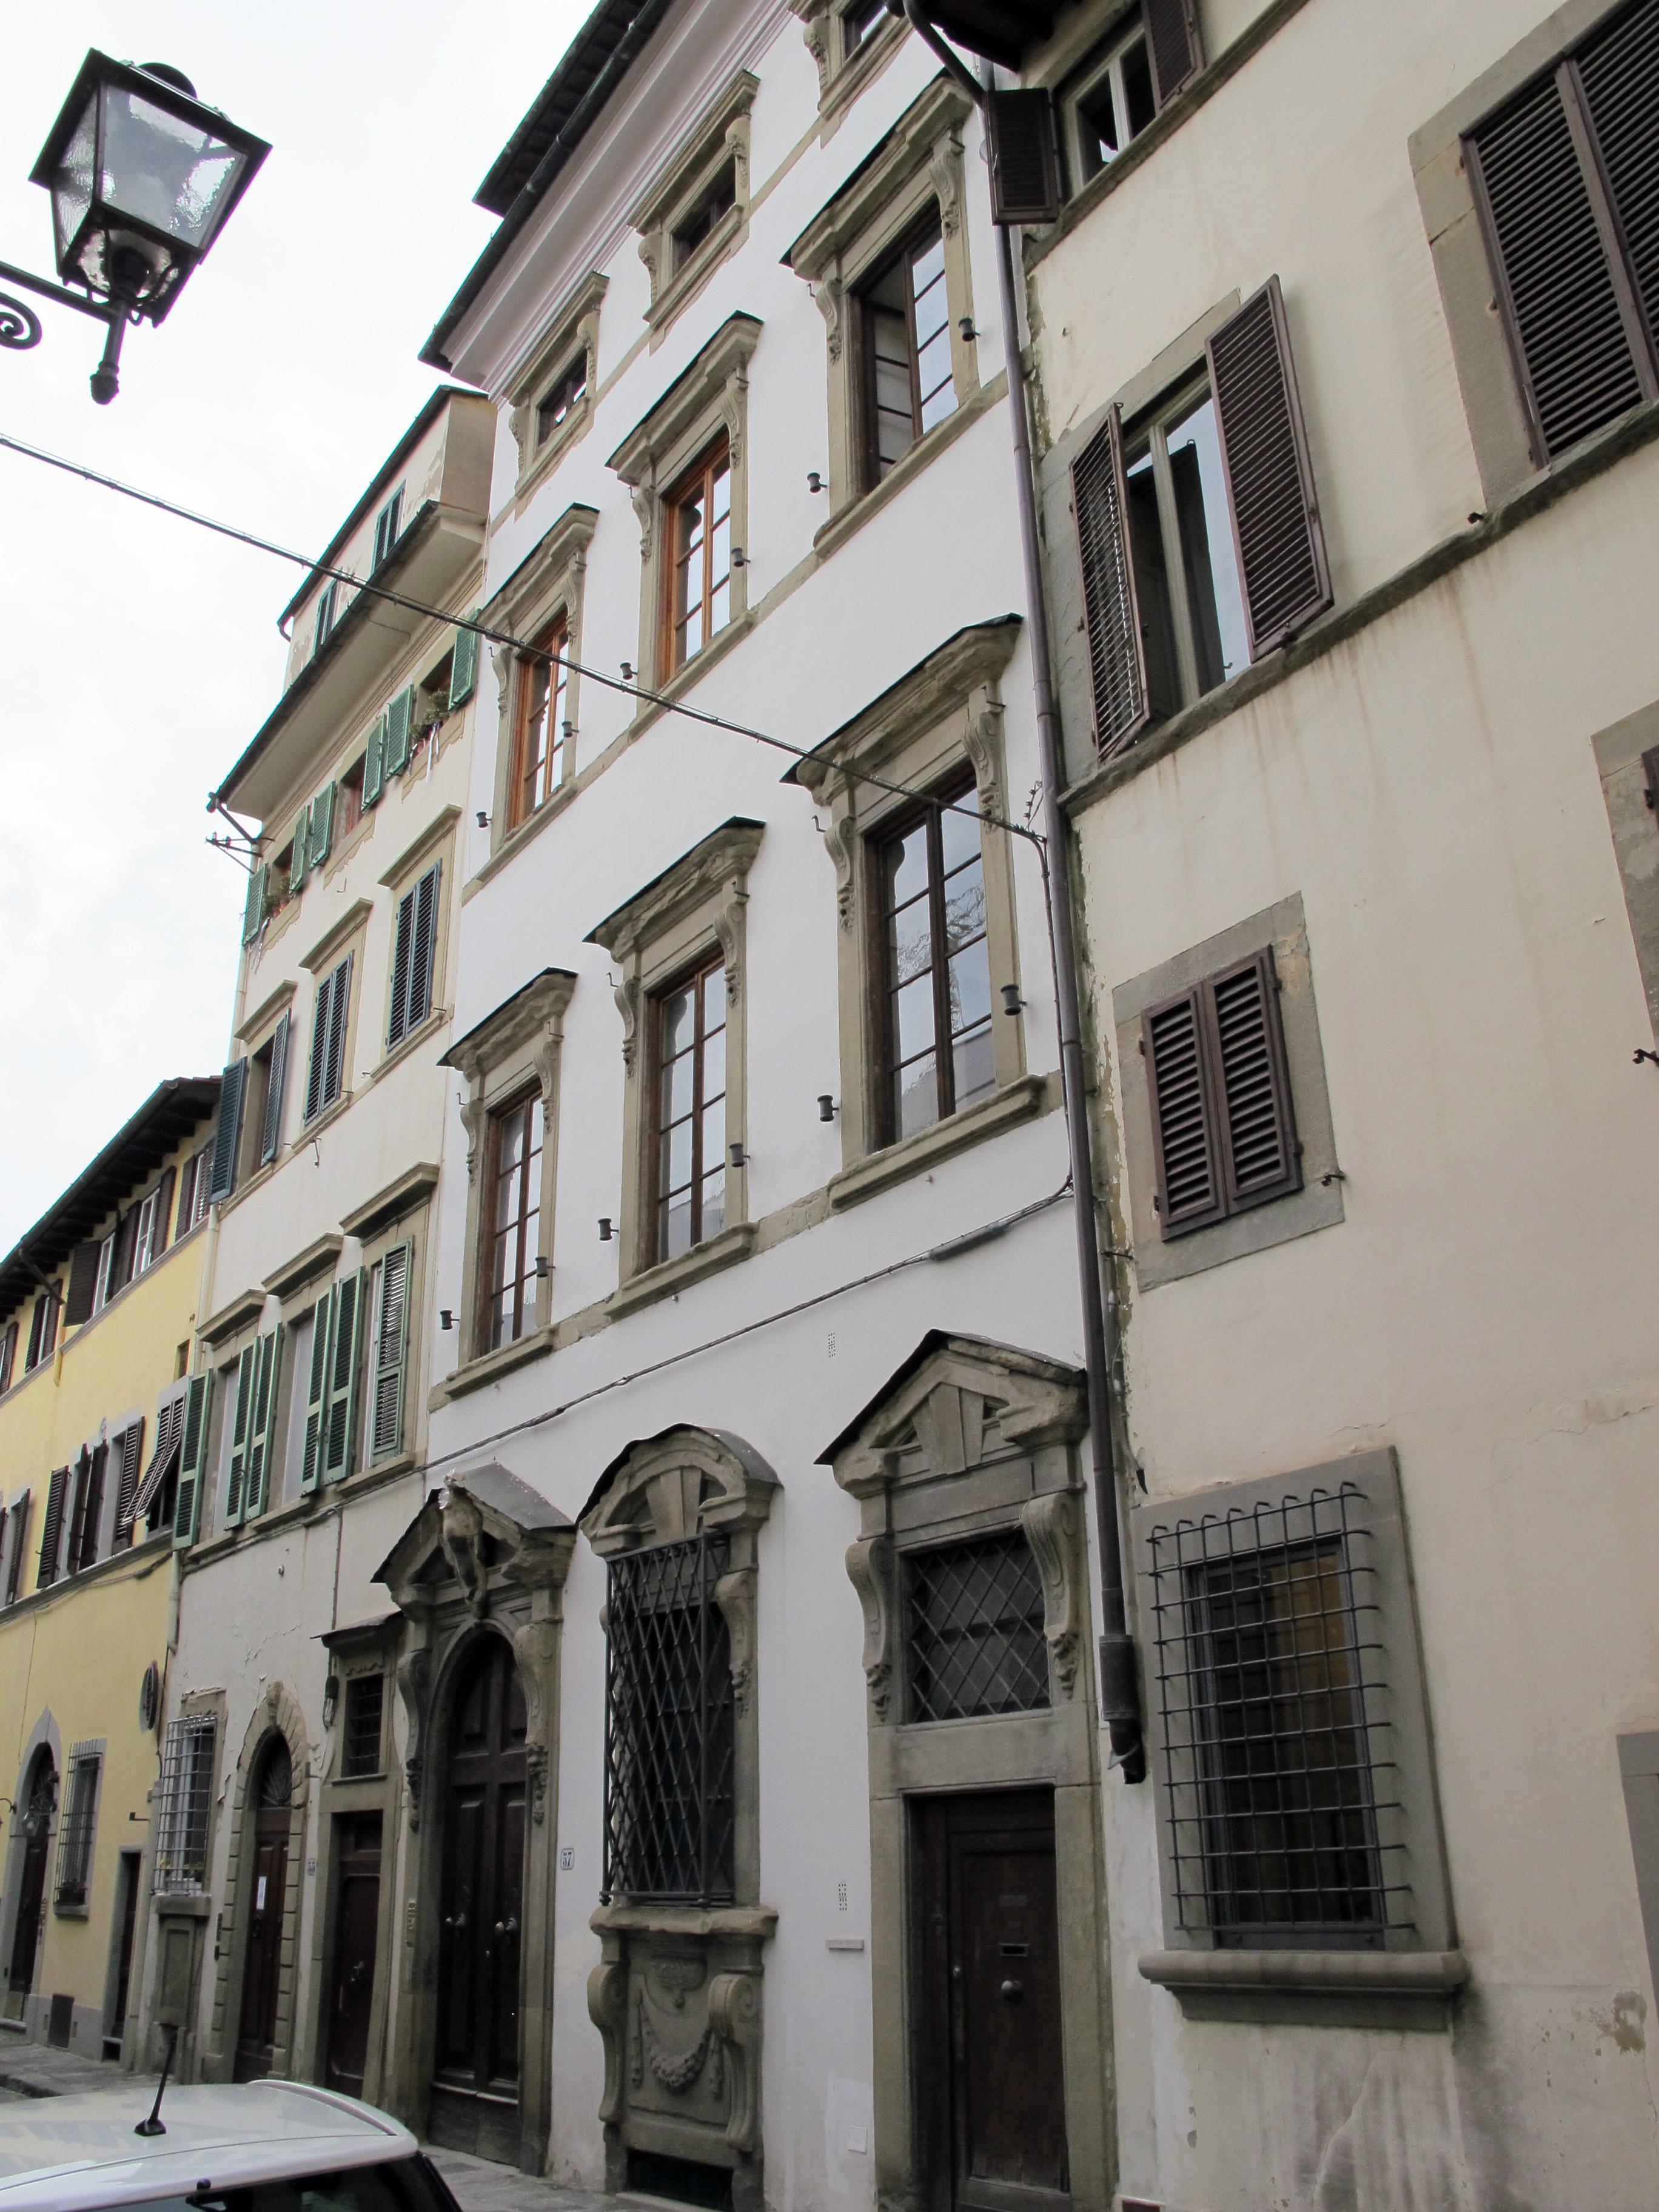 FileVia Della Pergola 57 Casa Merciai 01JPG